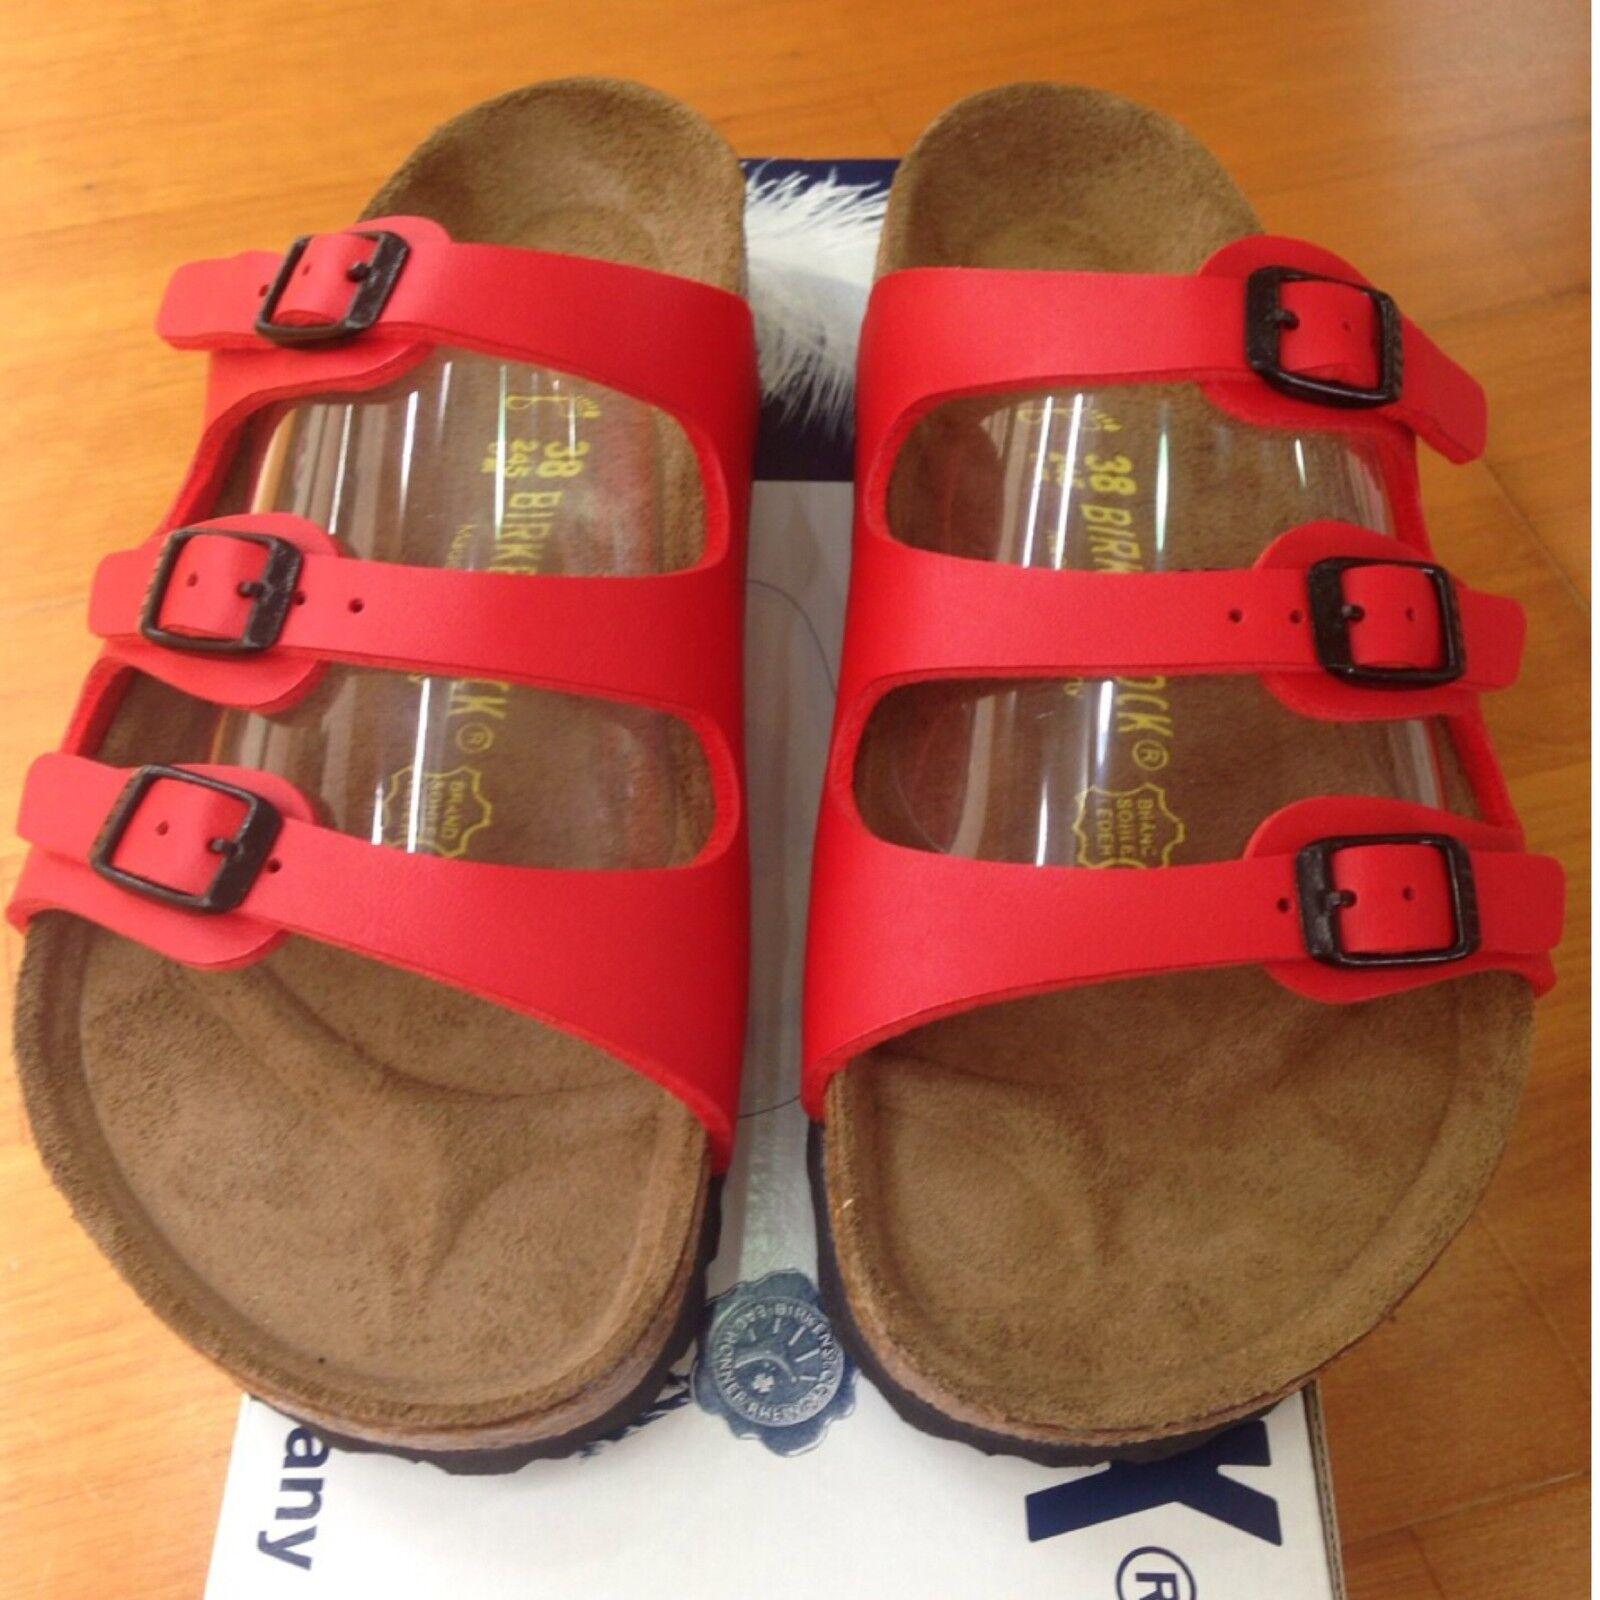 Birkenstock L10M8 Florida 054741 size 41 L10M8 Birkenstock R Red Birko-Flor Sandals 59dc93